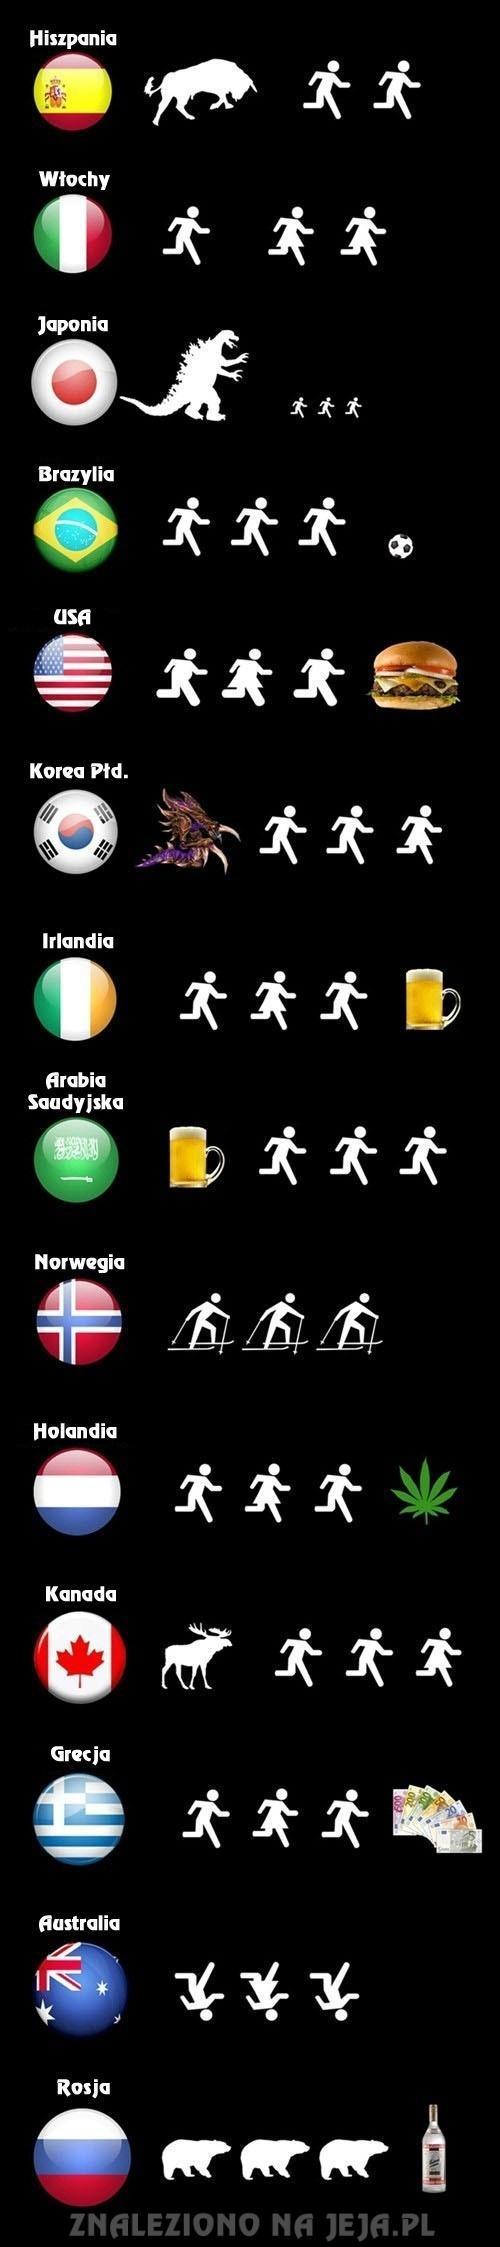 Porównanie państw